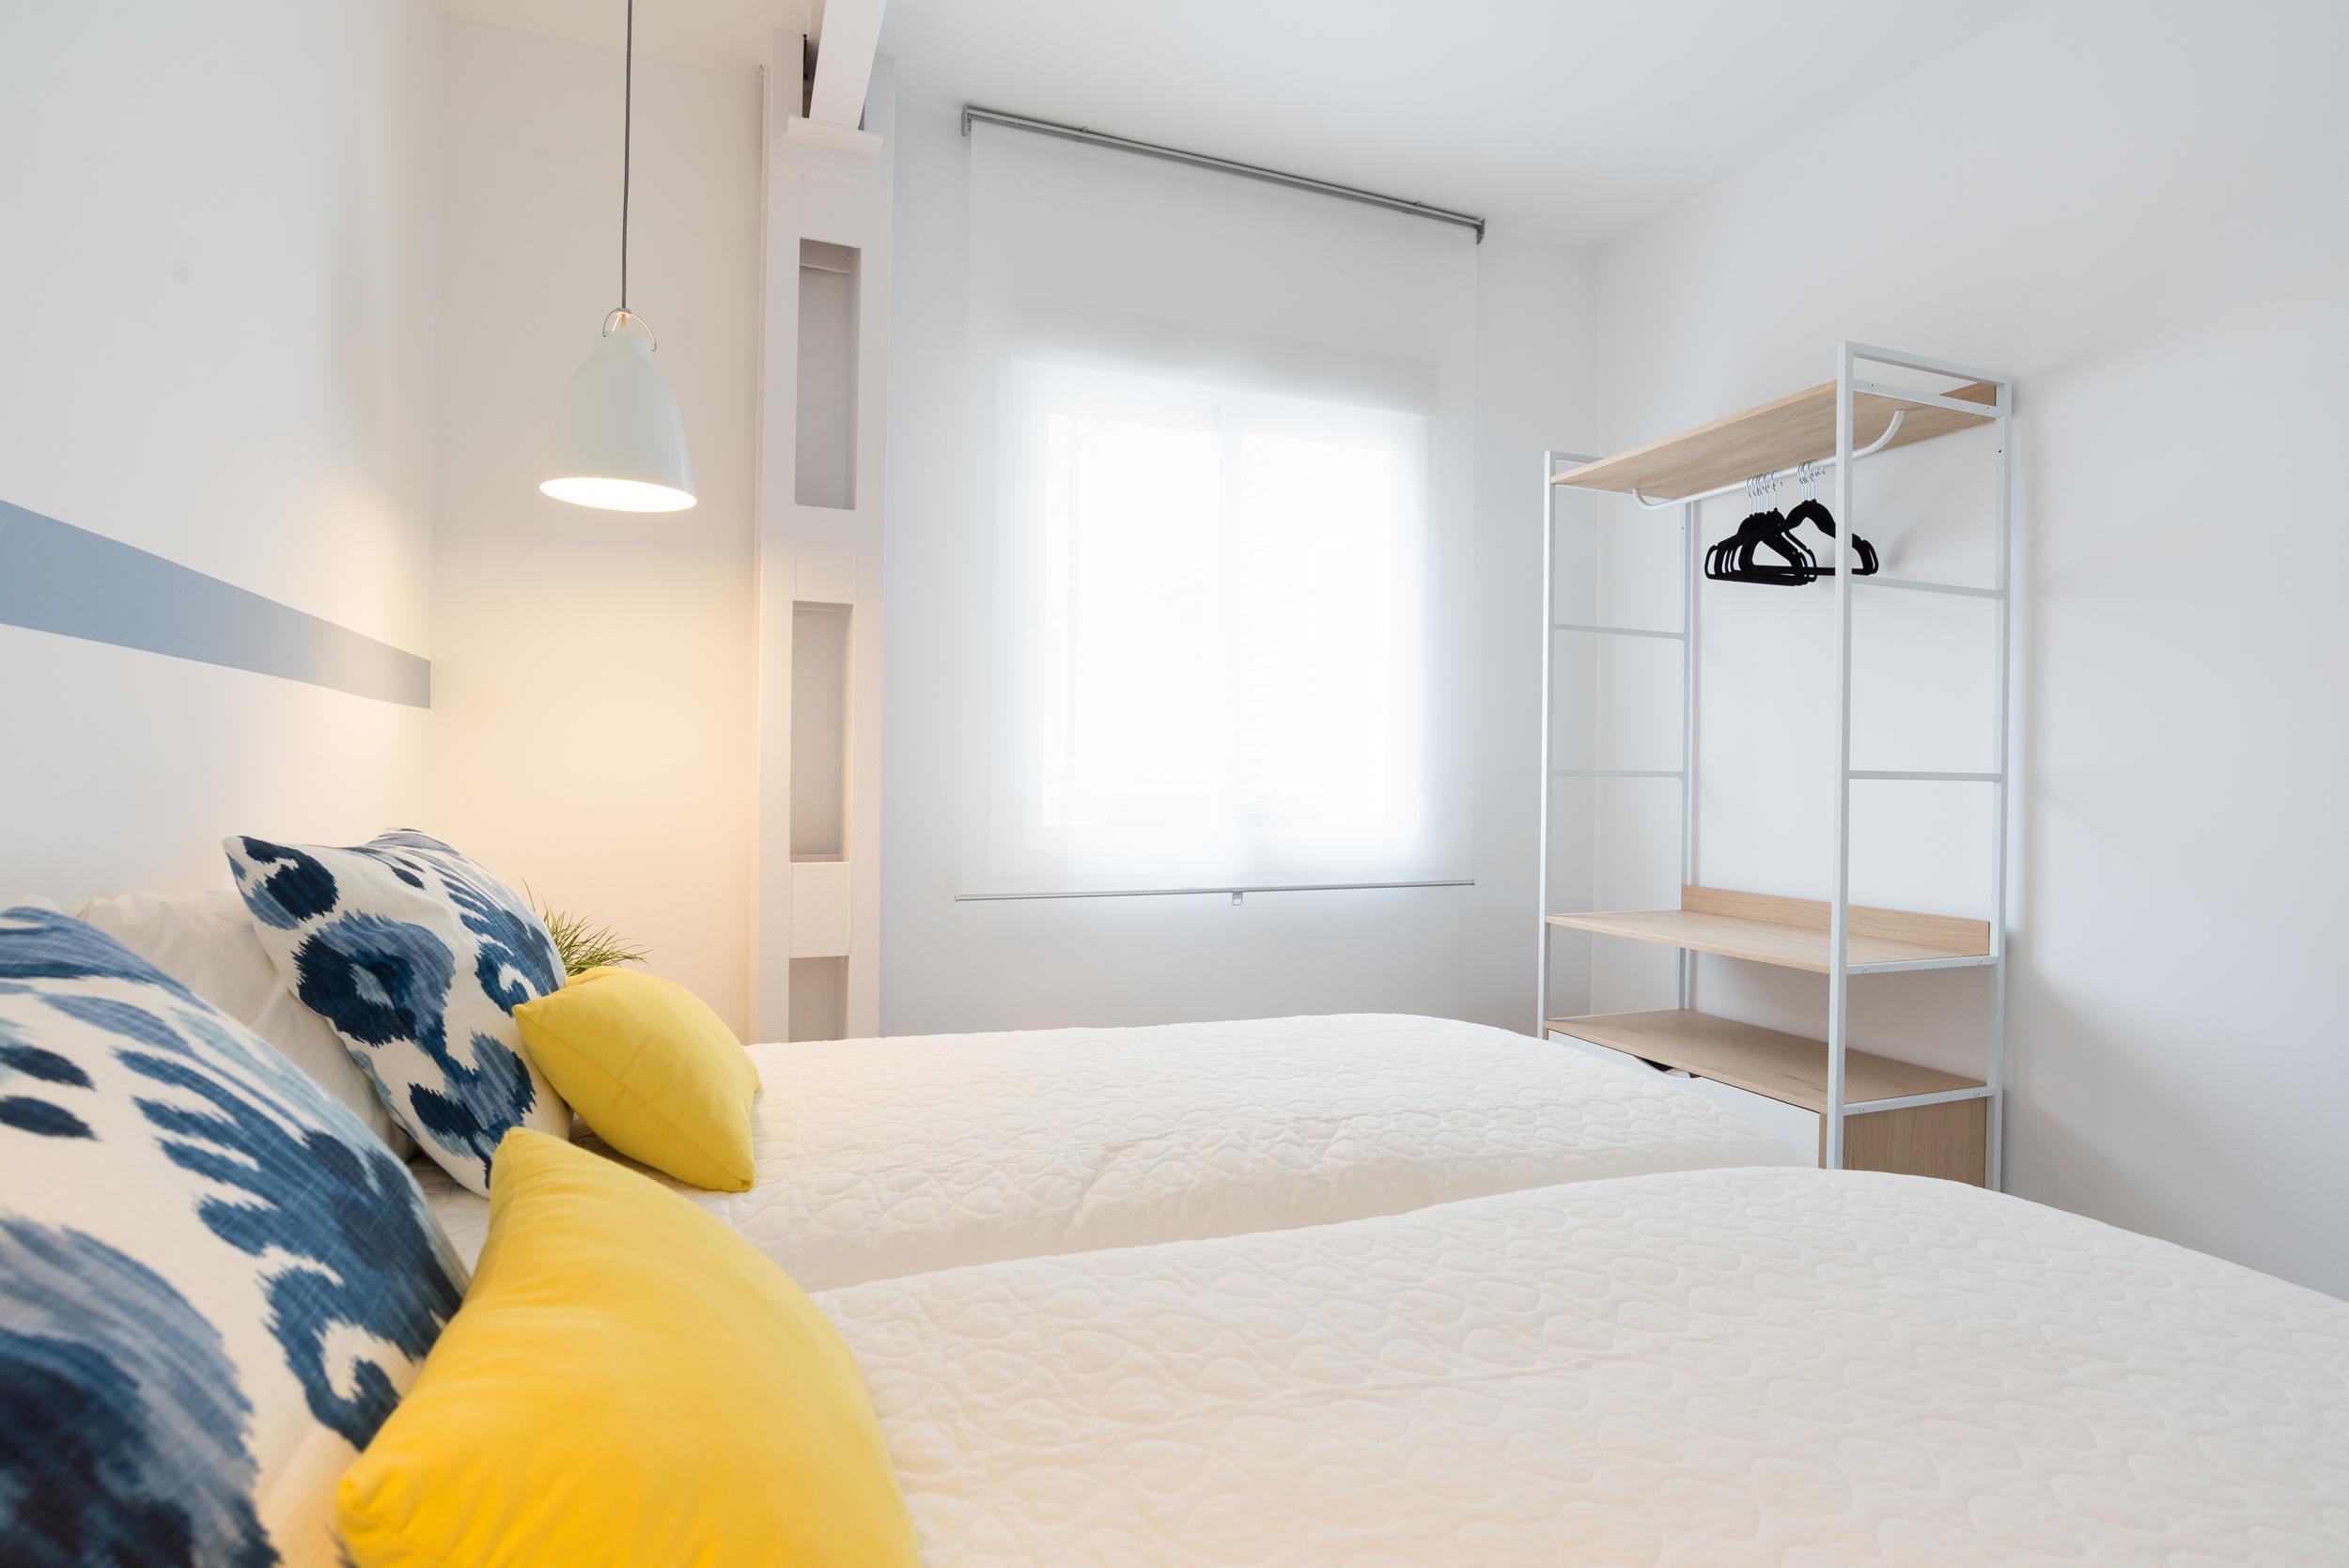 Apartment MalagaSuite Premium Deluxe Alameda photo 20089528